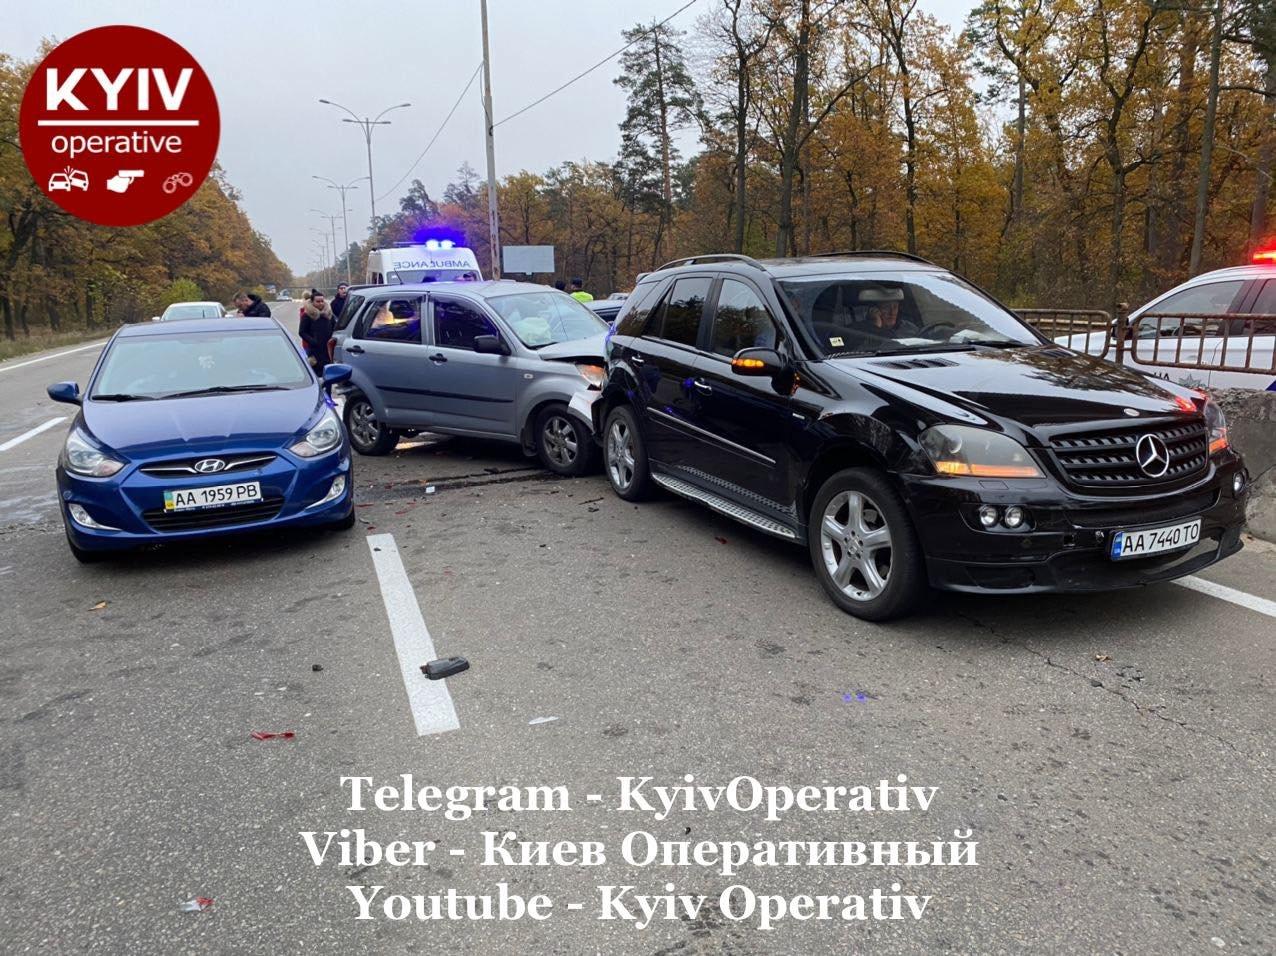 В Киеве в масштабной ДТП погиб один человек, еще несколько получили травмы, Фото Киев оперативный